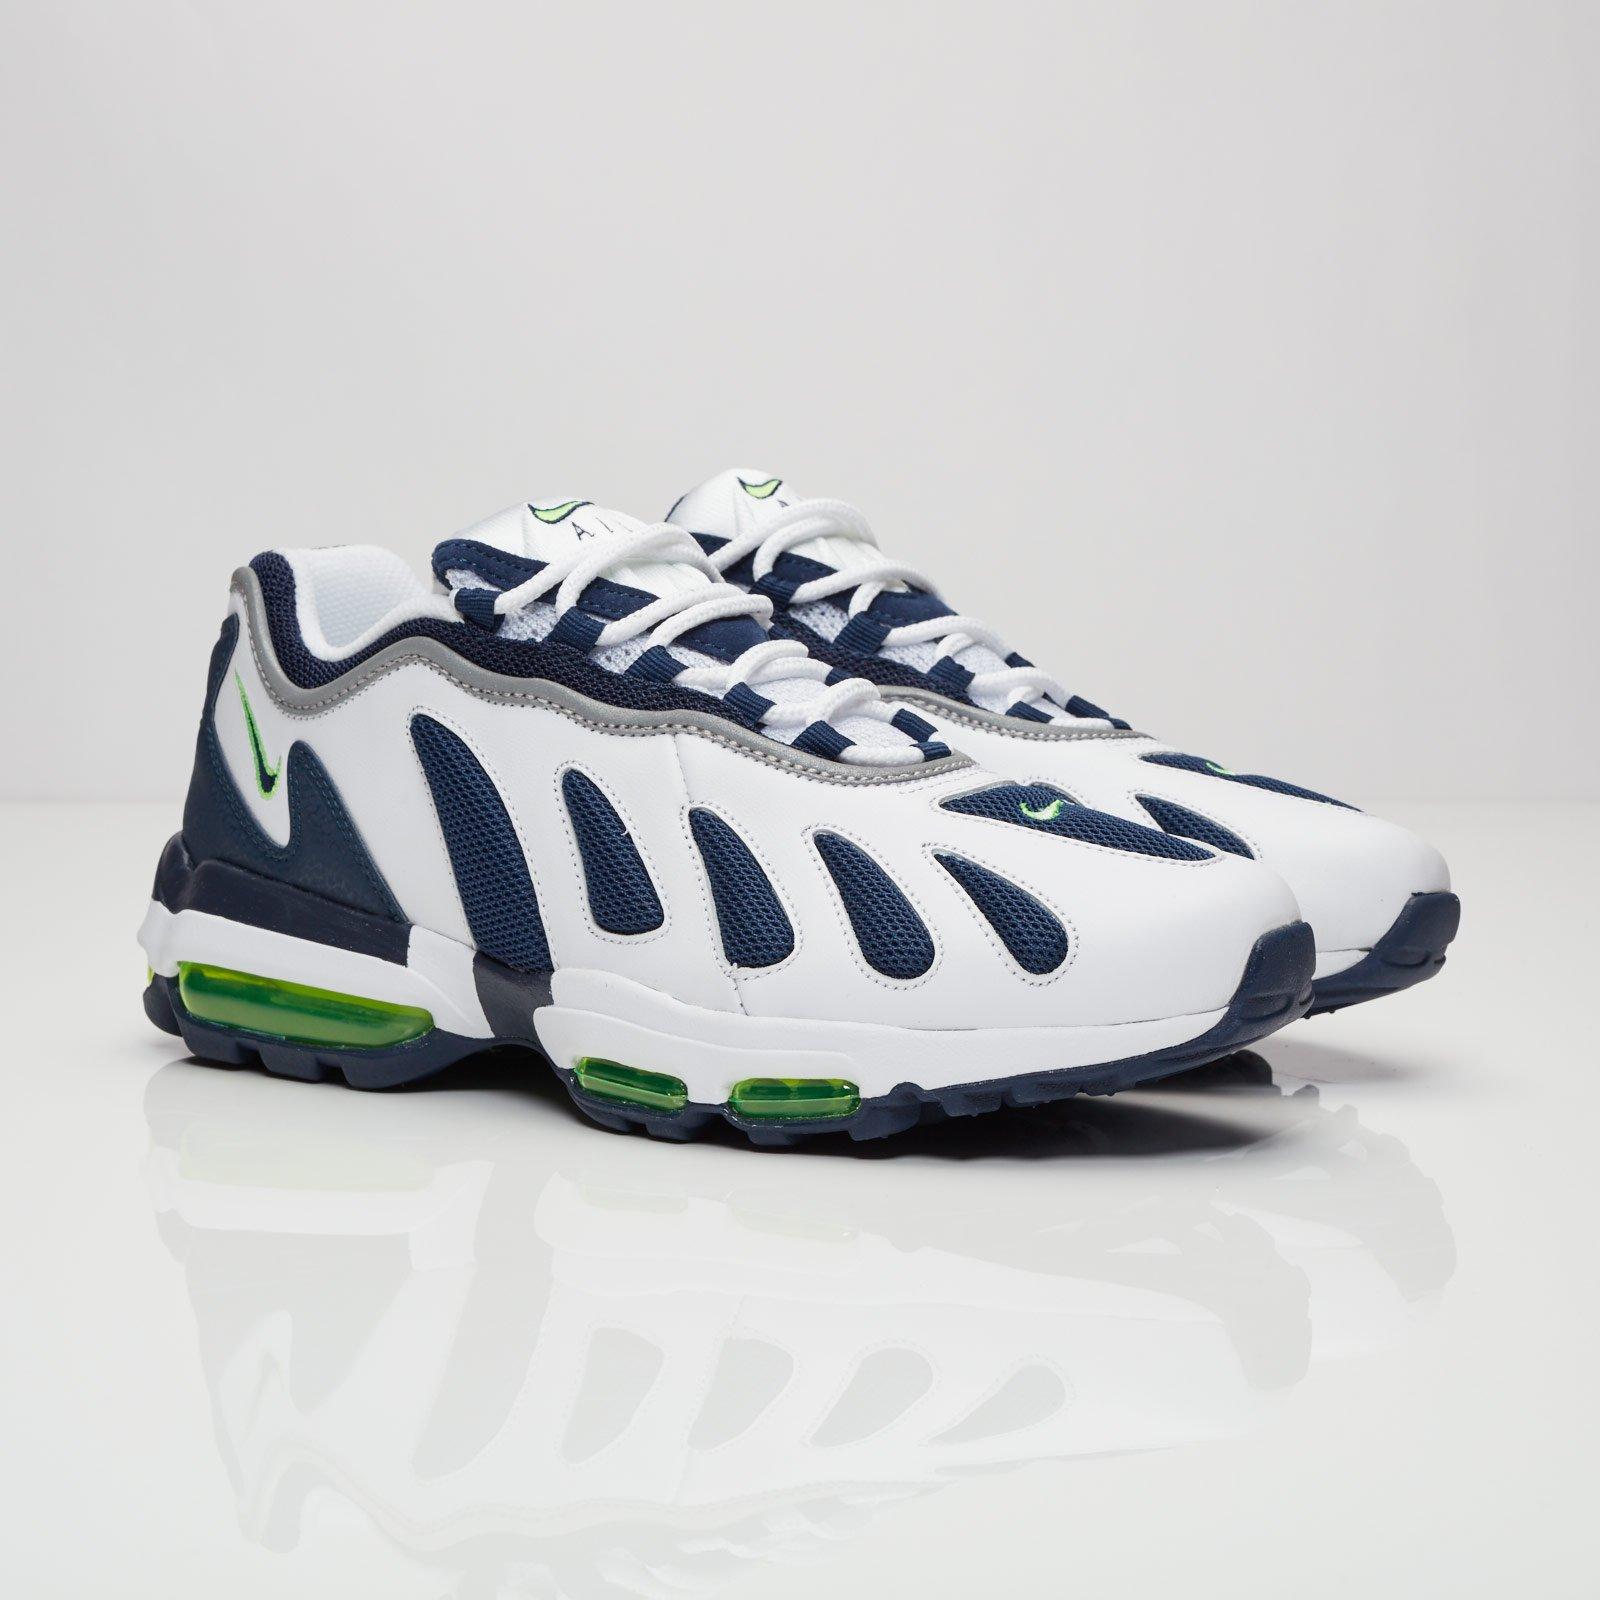 sale retailer e03cc 1ee40 Nike Air Max 96 XX